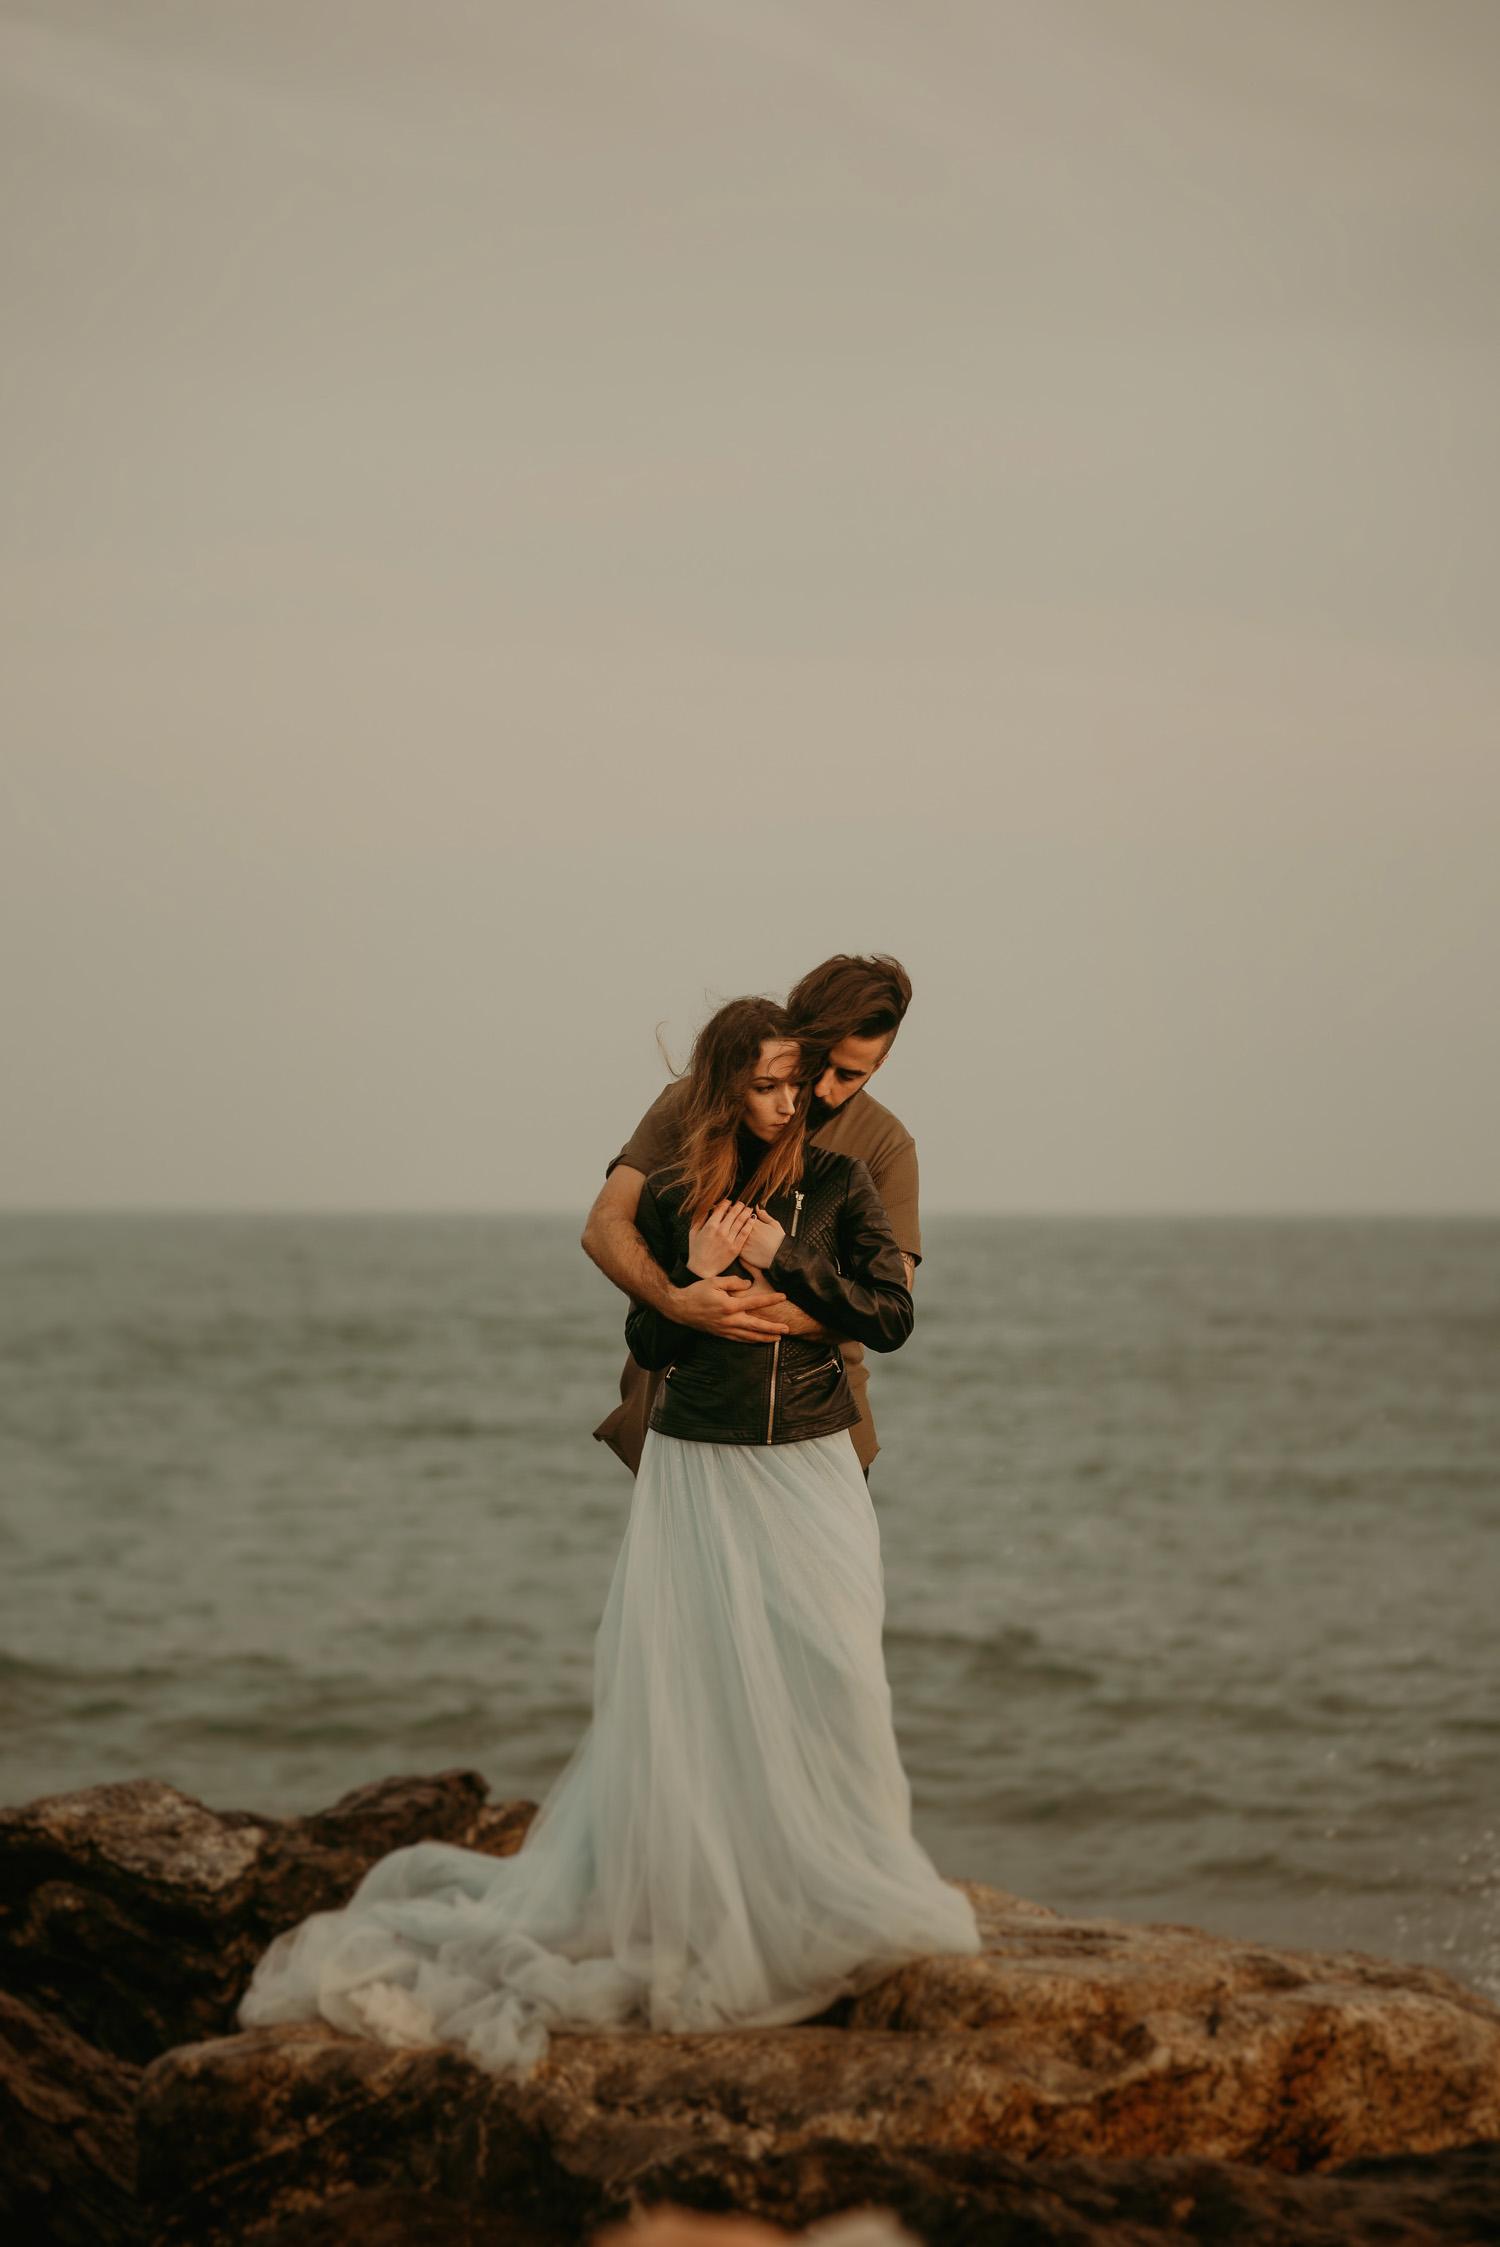 fotografo-bodas-naturales-girona